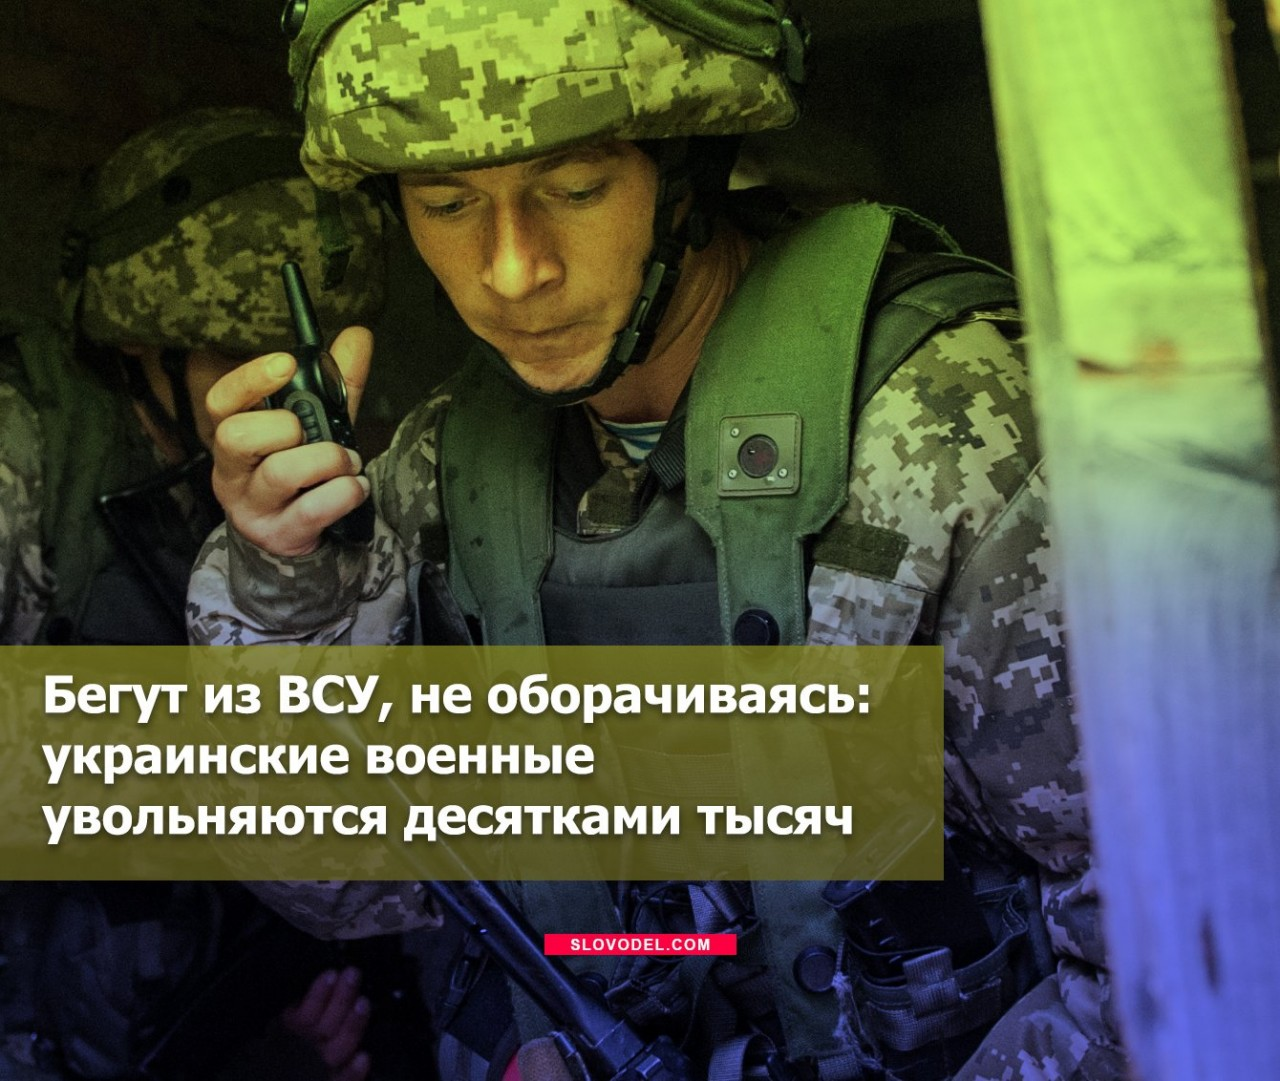 Бегут из ВСУ, не оборачиваясь: украинские военные увольняются десятками тысяч